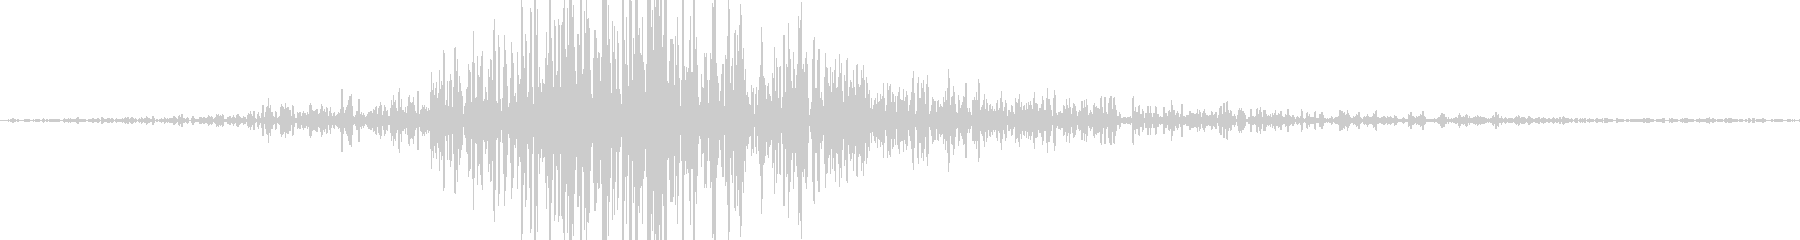 ヒュン 風切り音 スイング音  (高め)の未再生の波形